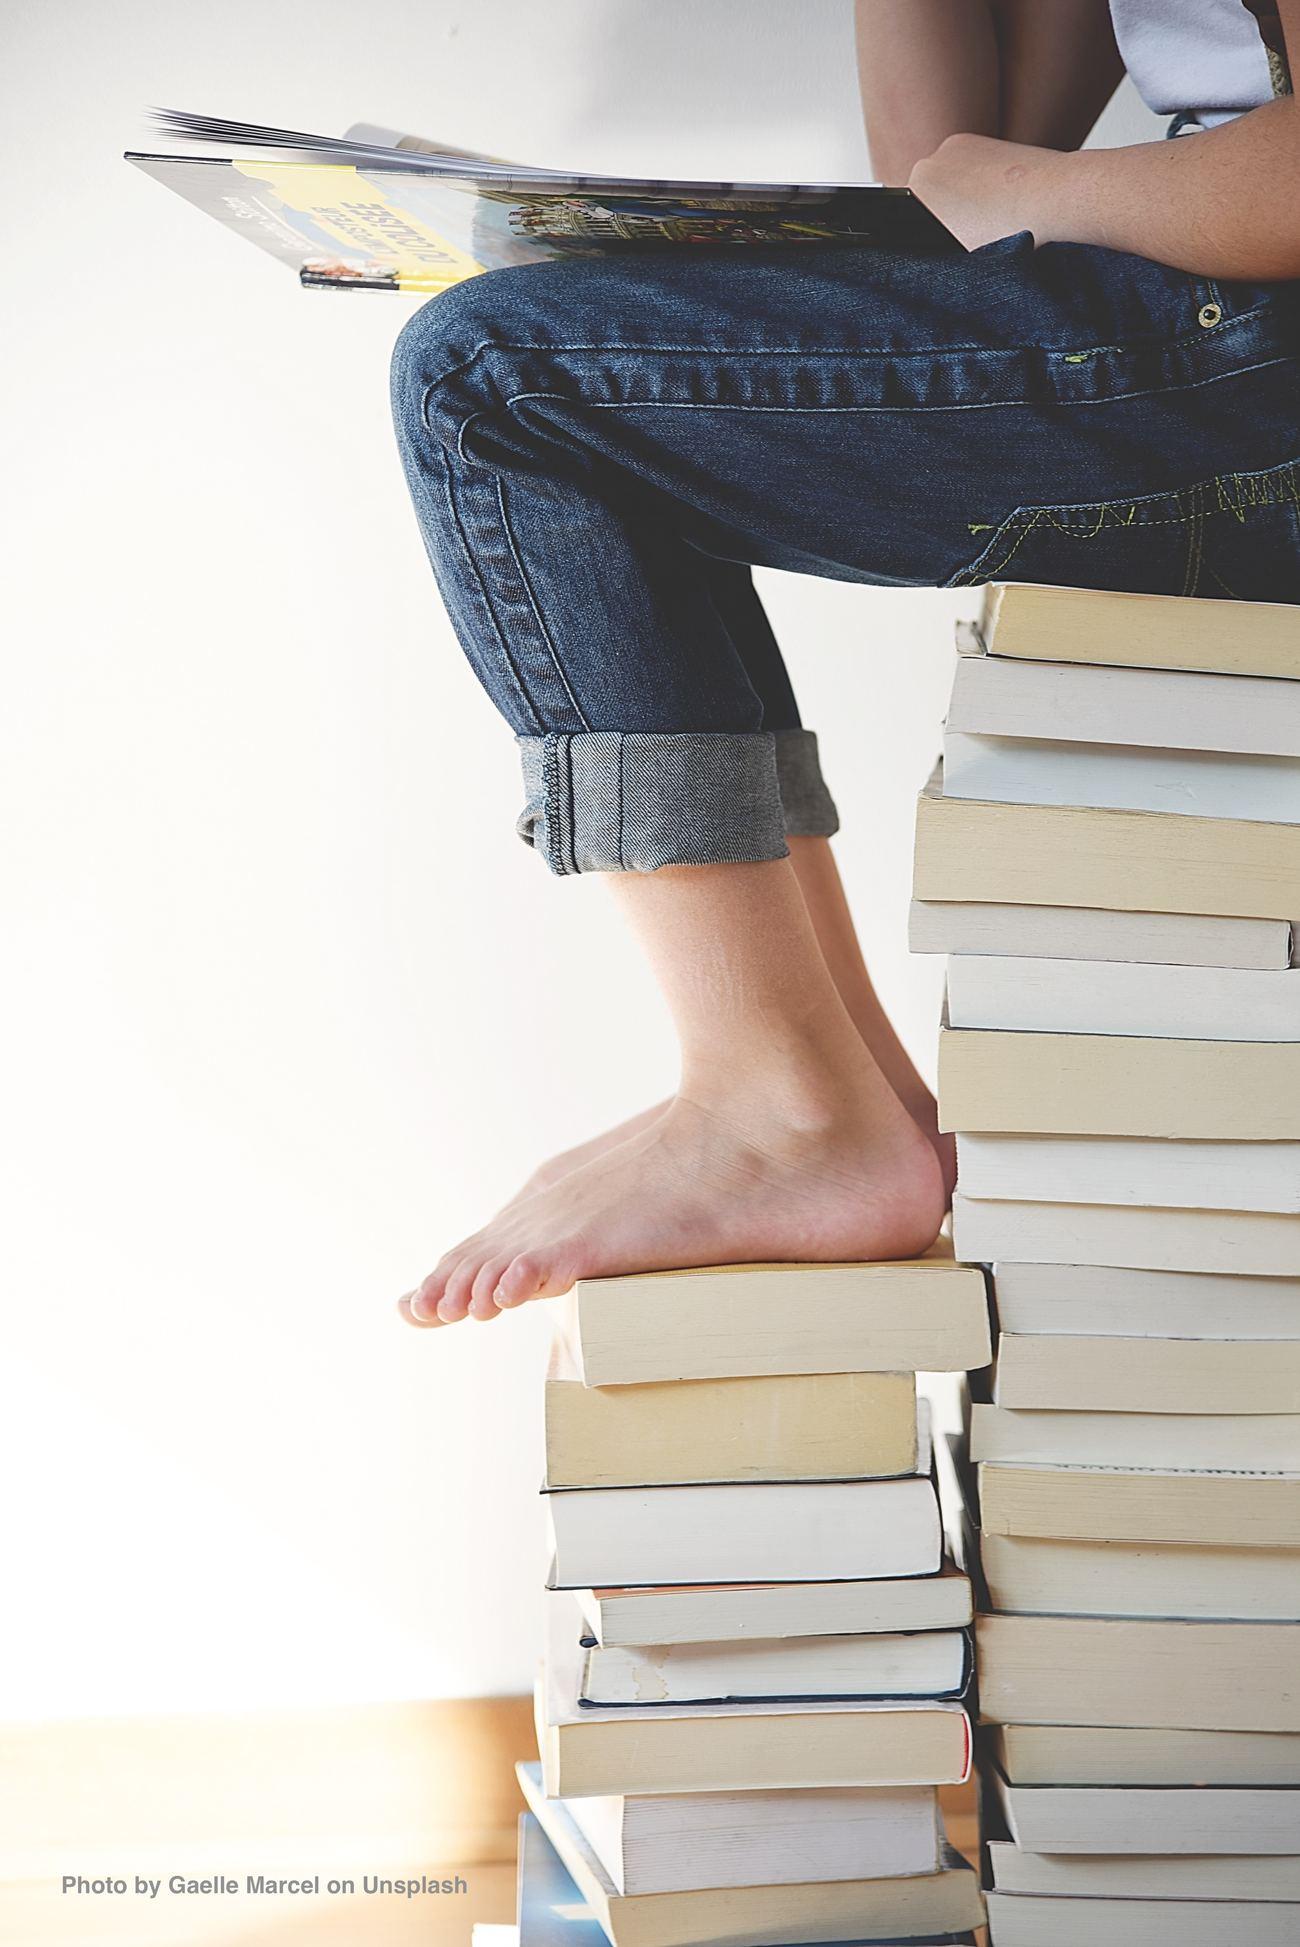 Beine in Jeans und nackte Füße auf Bücherstapel